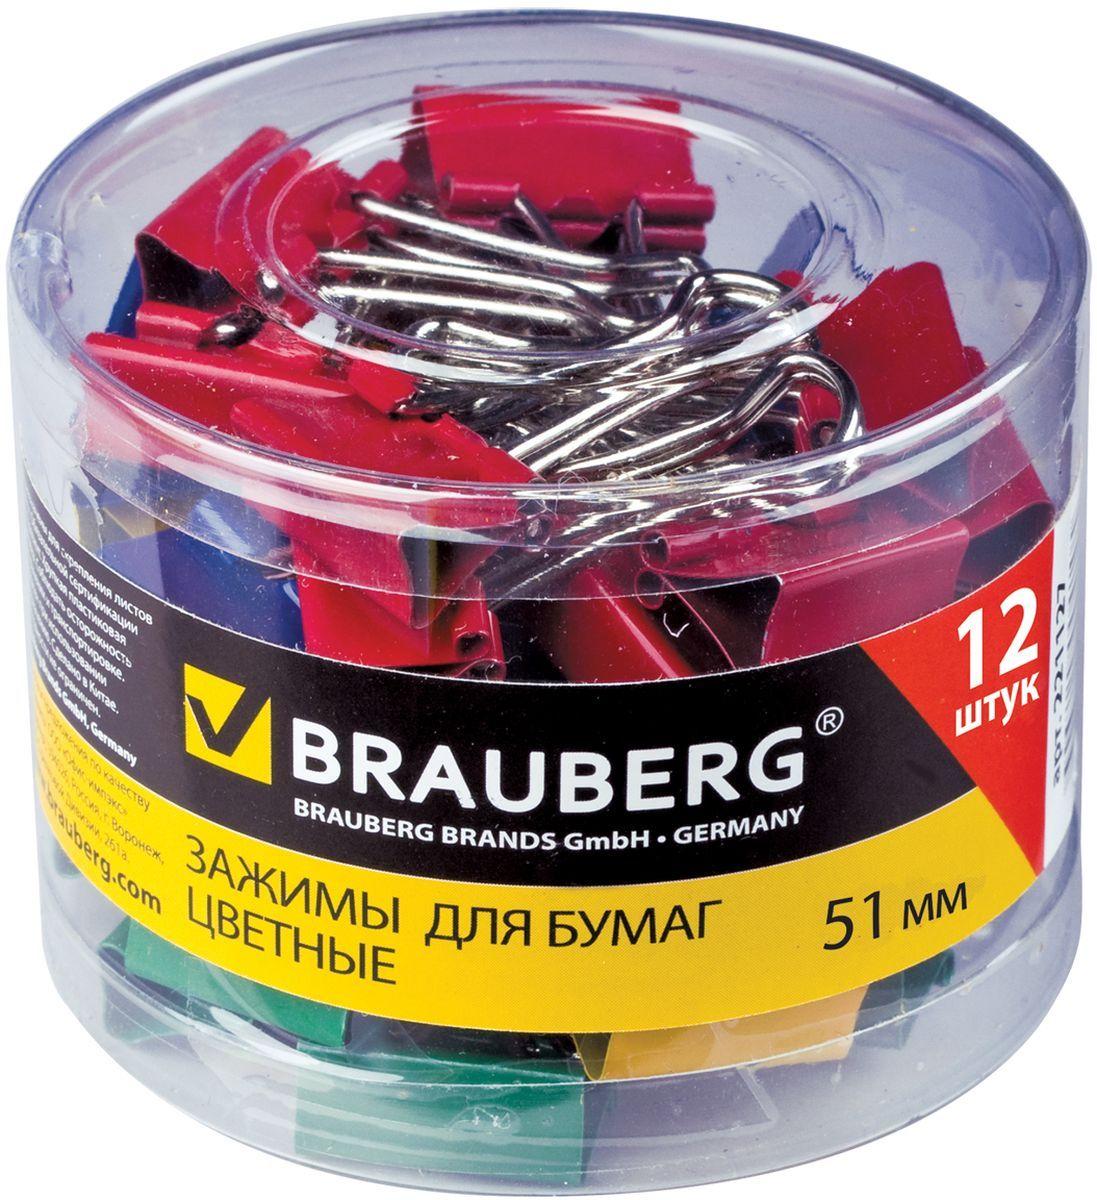 Brauberg Зажим для бумаг ширина 51 мм 12 шт221131Зажим для бумаг Brauberg предназначен для скрепления бумажных документов без использования степлера.В упаковке 12 зажимов разных цветов. Зажим выполнен из стали. Они надежно и легко скрепляют, не деформируют бумагу, не оставляют на ней следов.